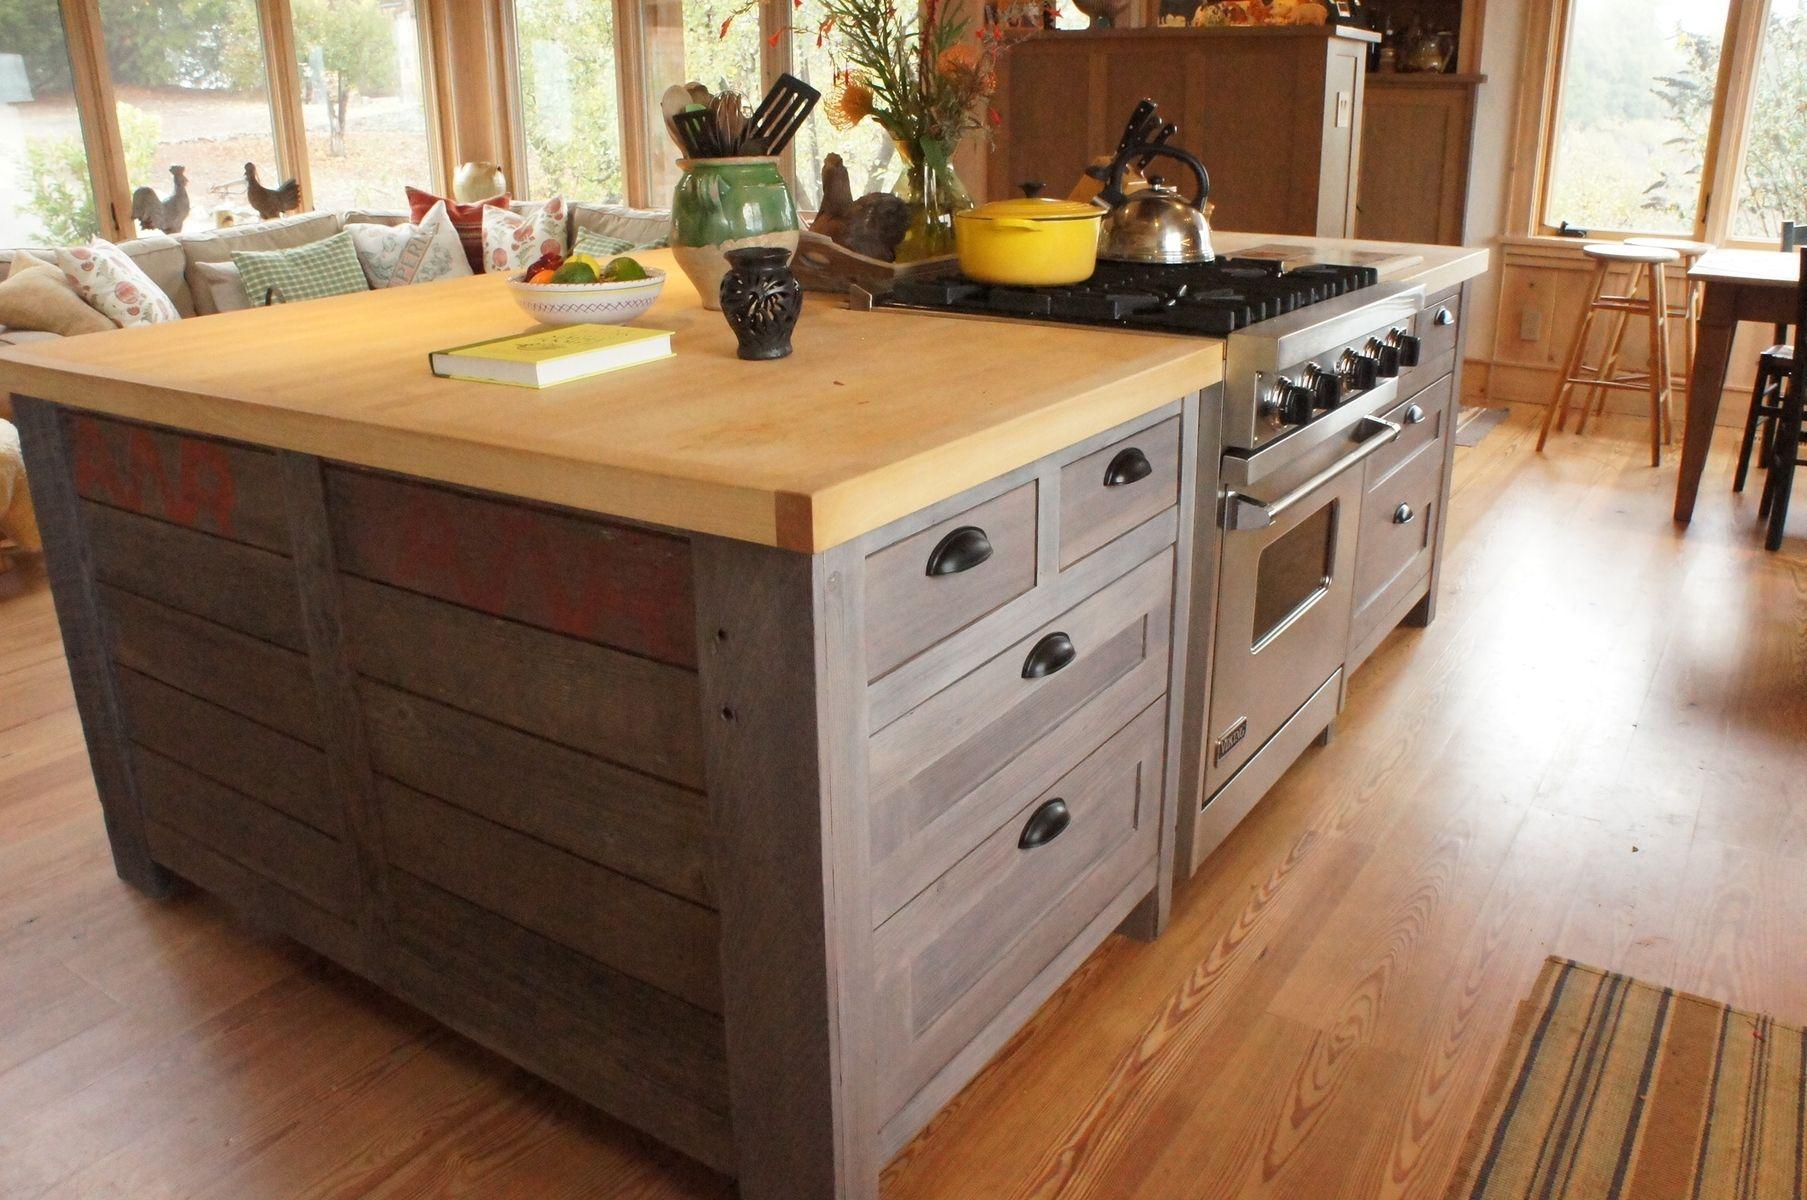 Gạch ốp vân gỗ mang phong cách thiết kế cổ điển đậm chất Rustic